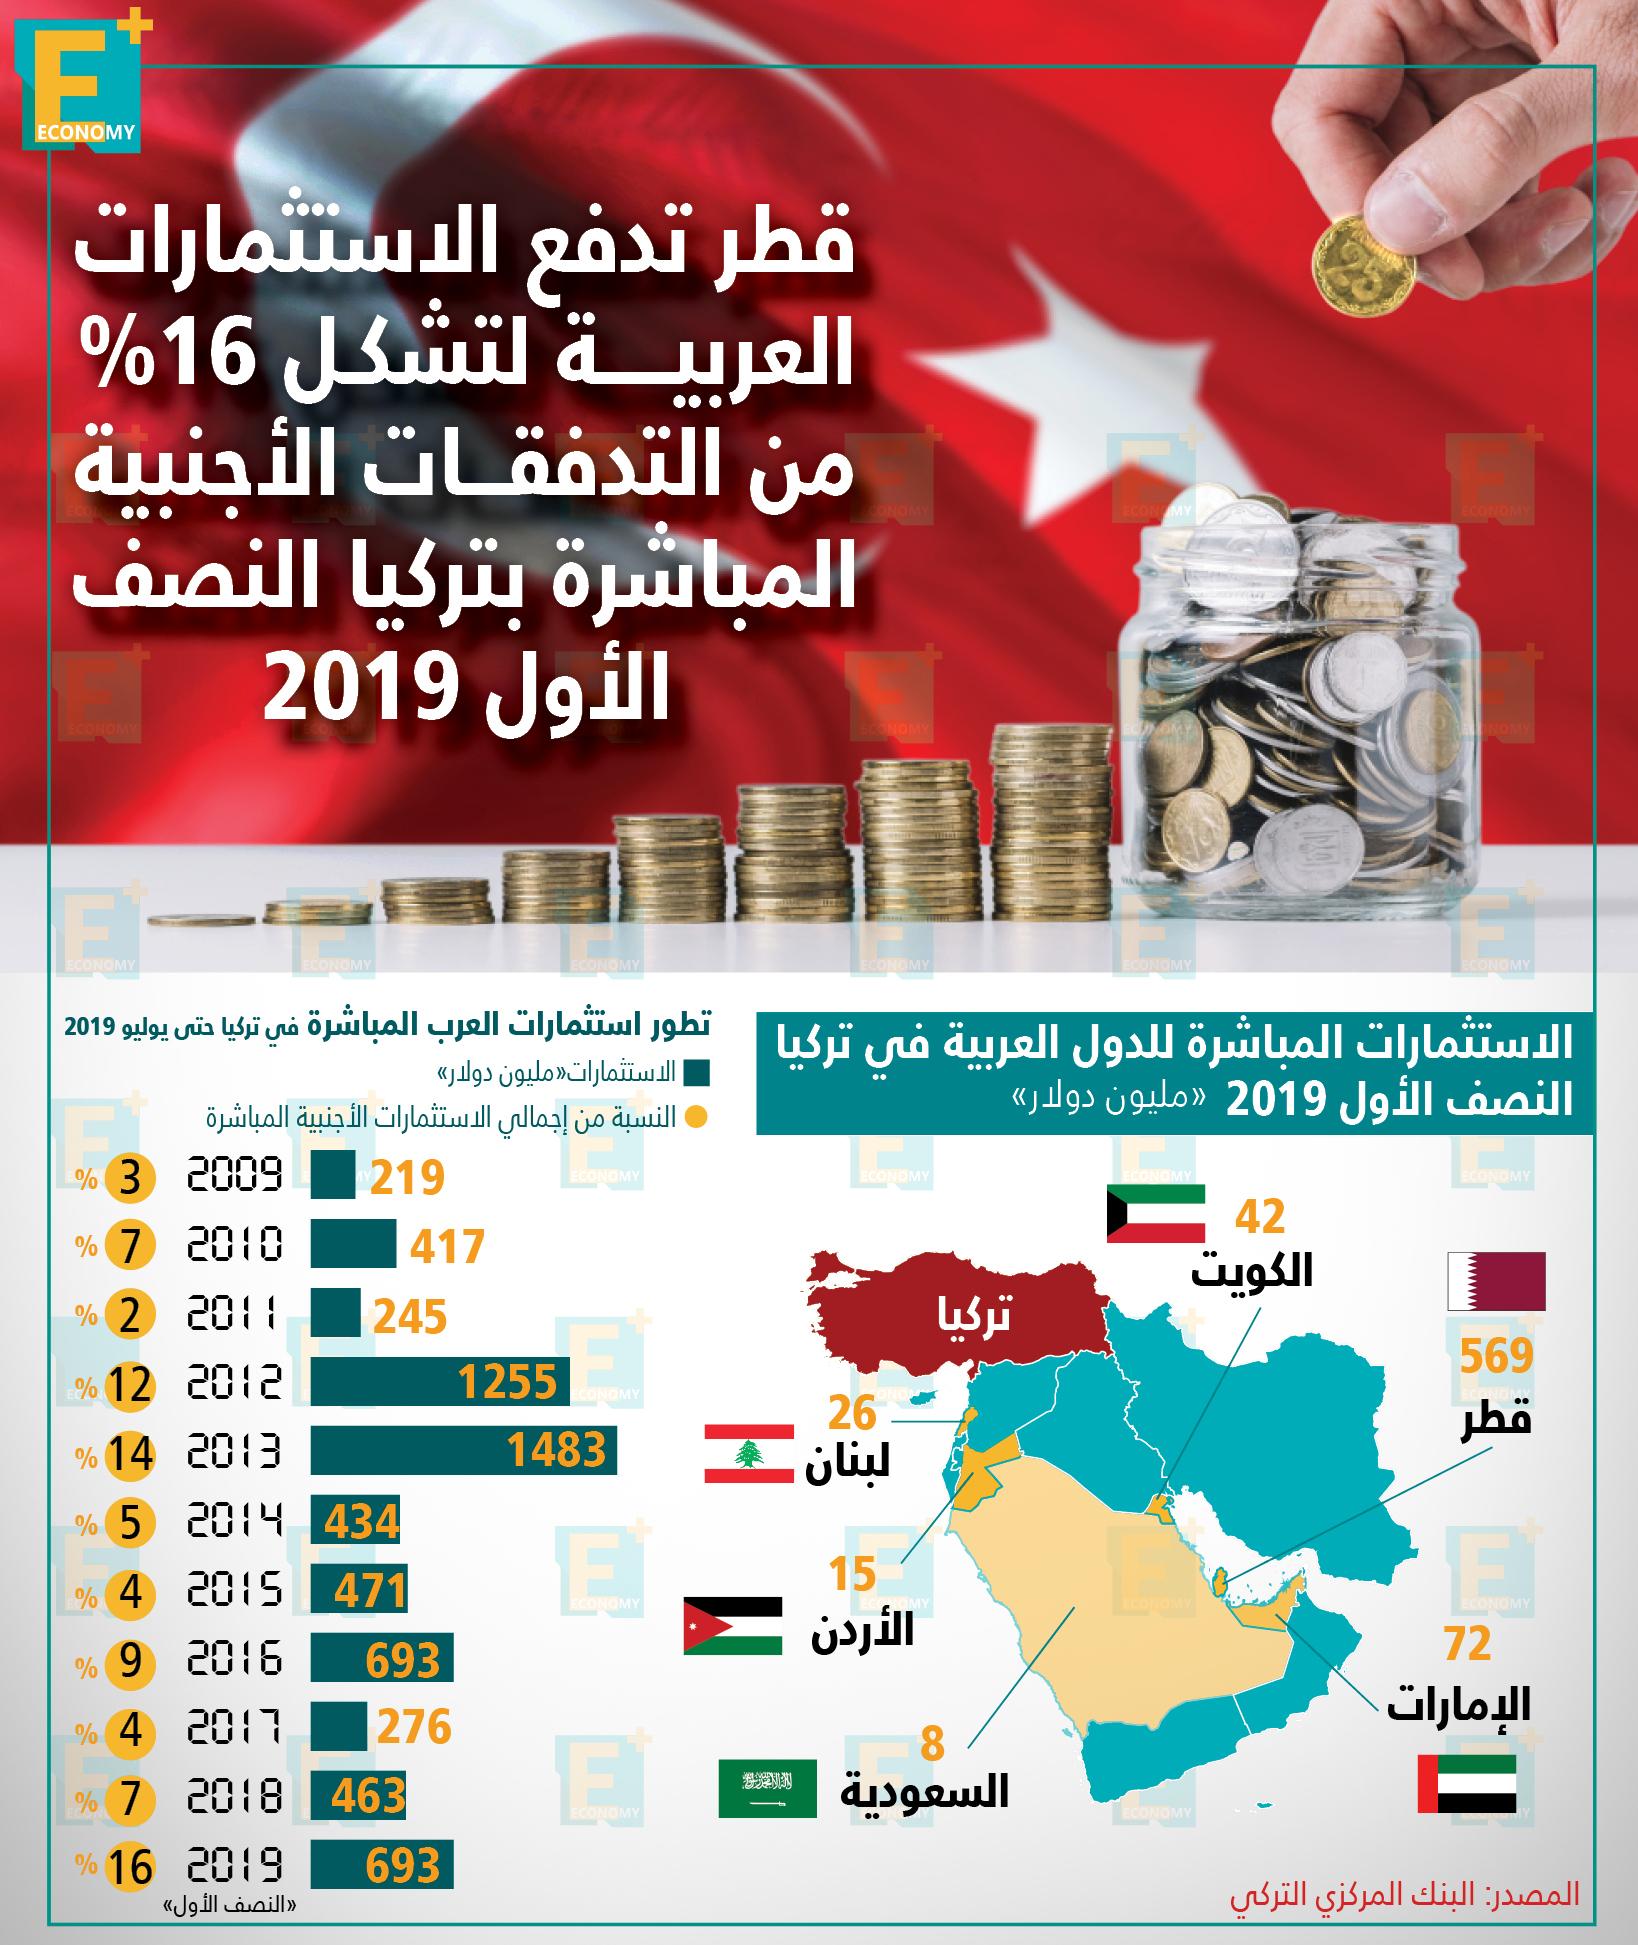 الاستثمارات العربية المباشرة في تركيا وتطورها